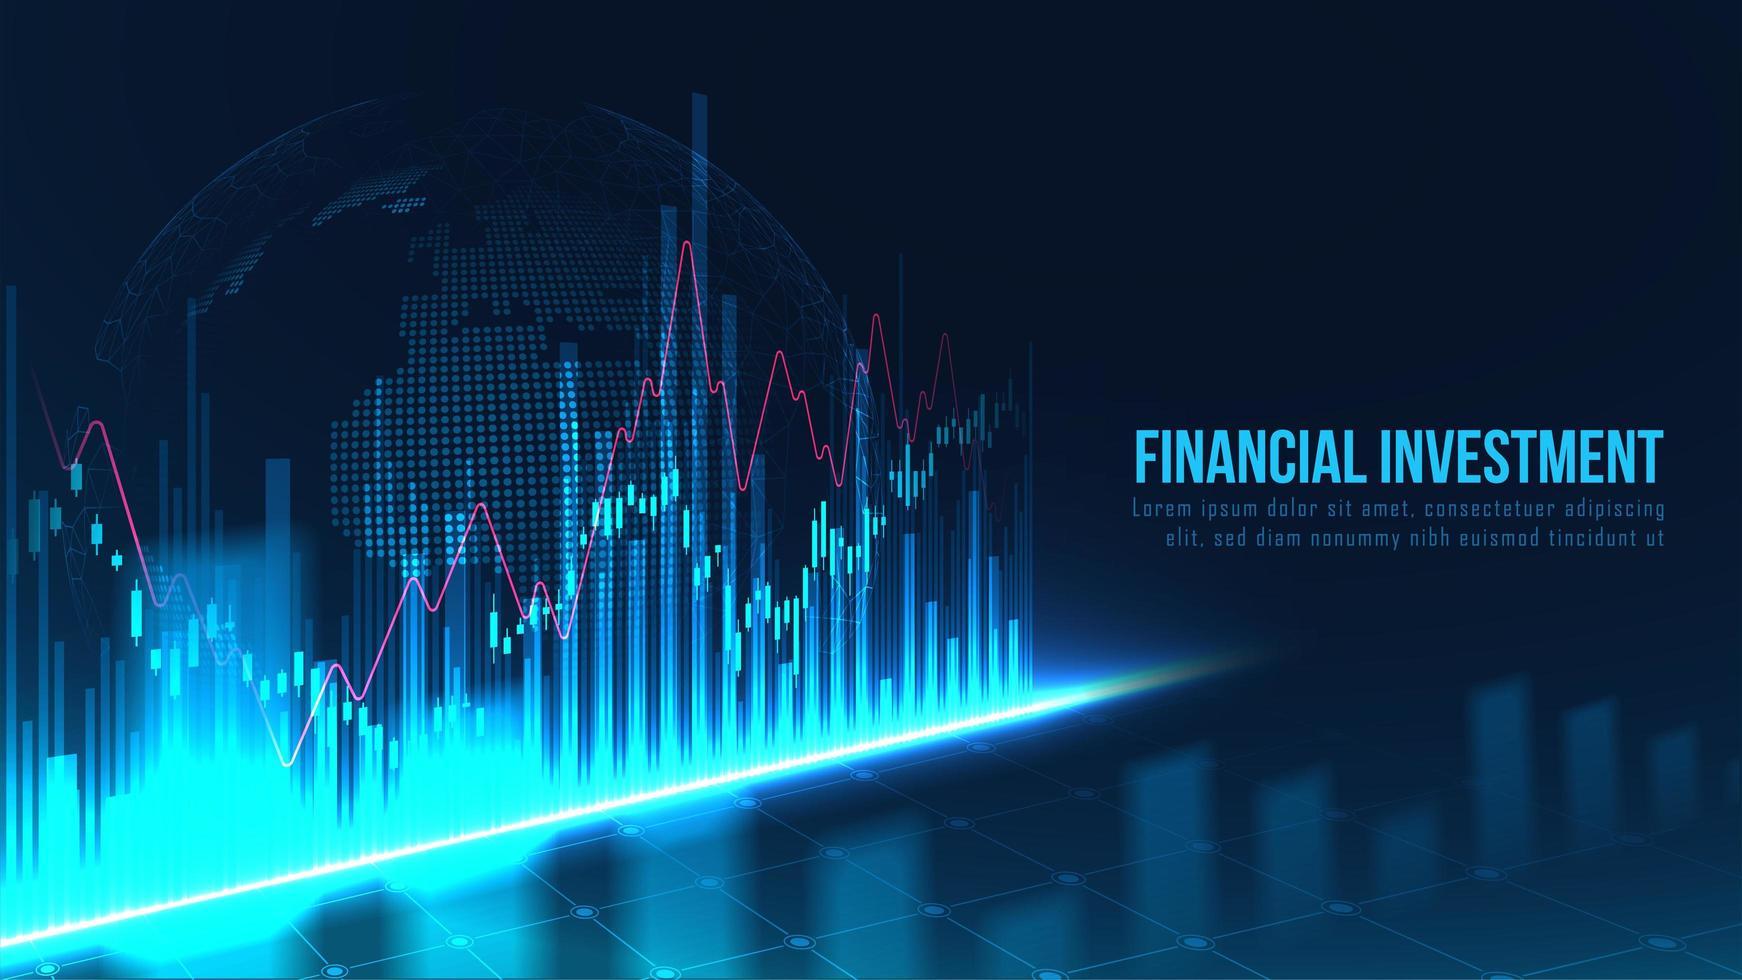 wereldwijde financiële investering grafiek grafisch concept vector